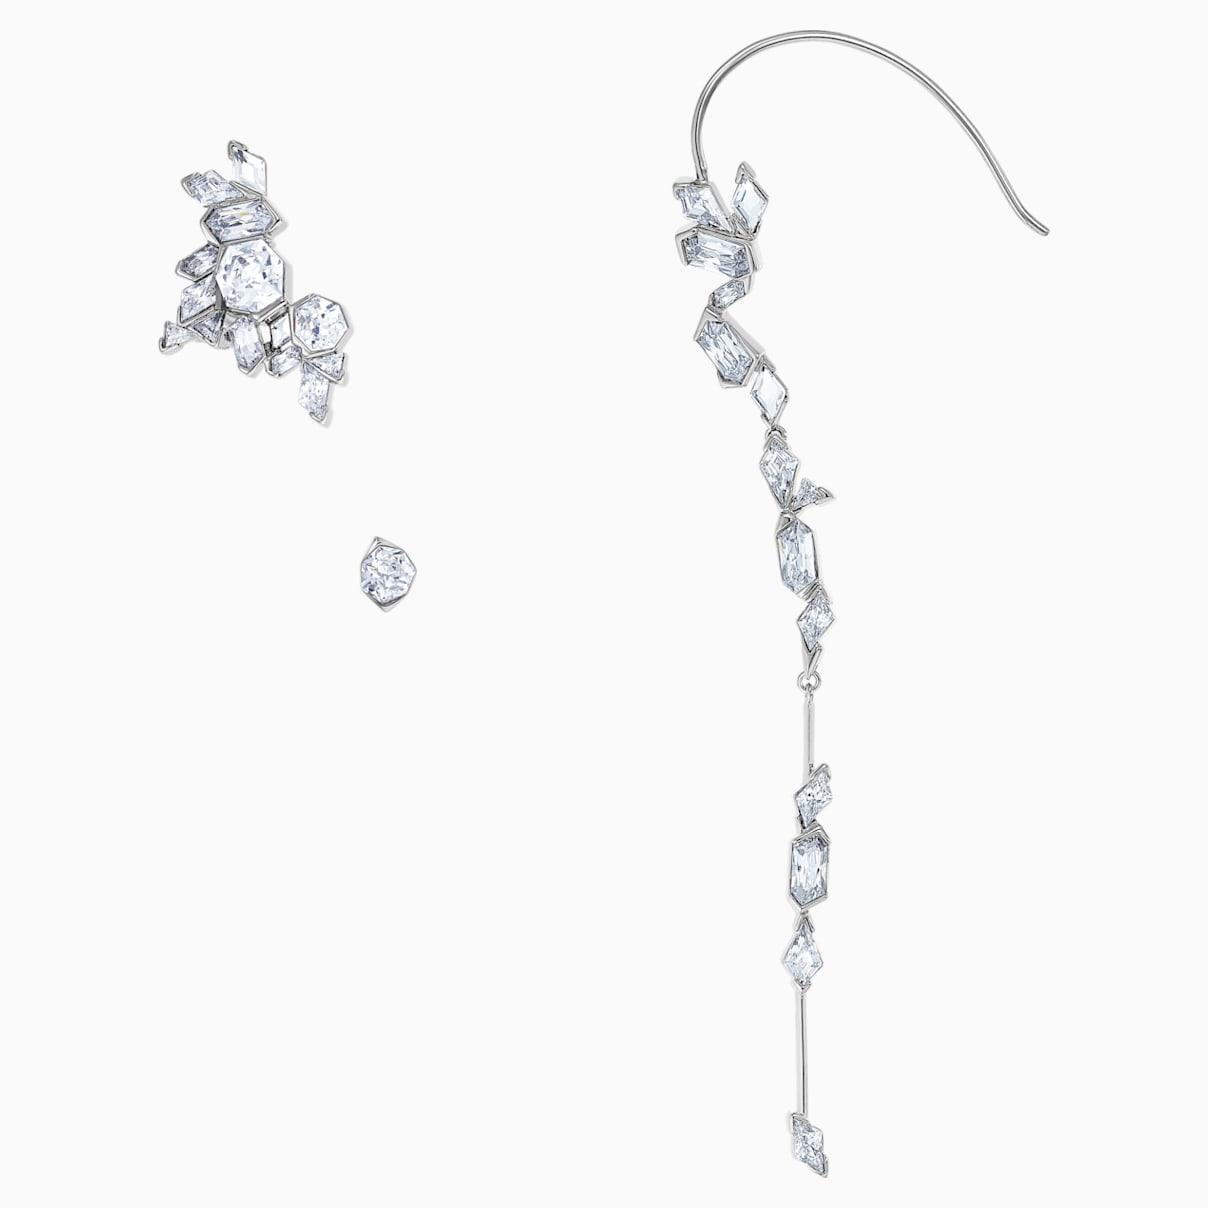 Boucle d'Oreille Manchette Ice Crack, blanc, Métal plaqué ruthénium